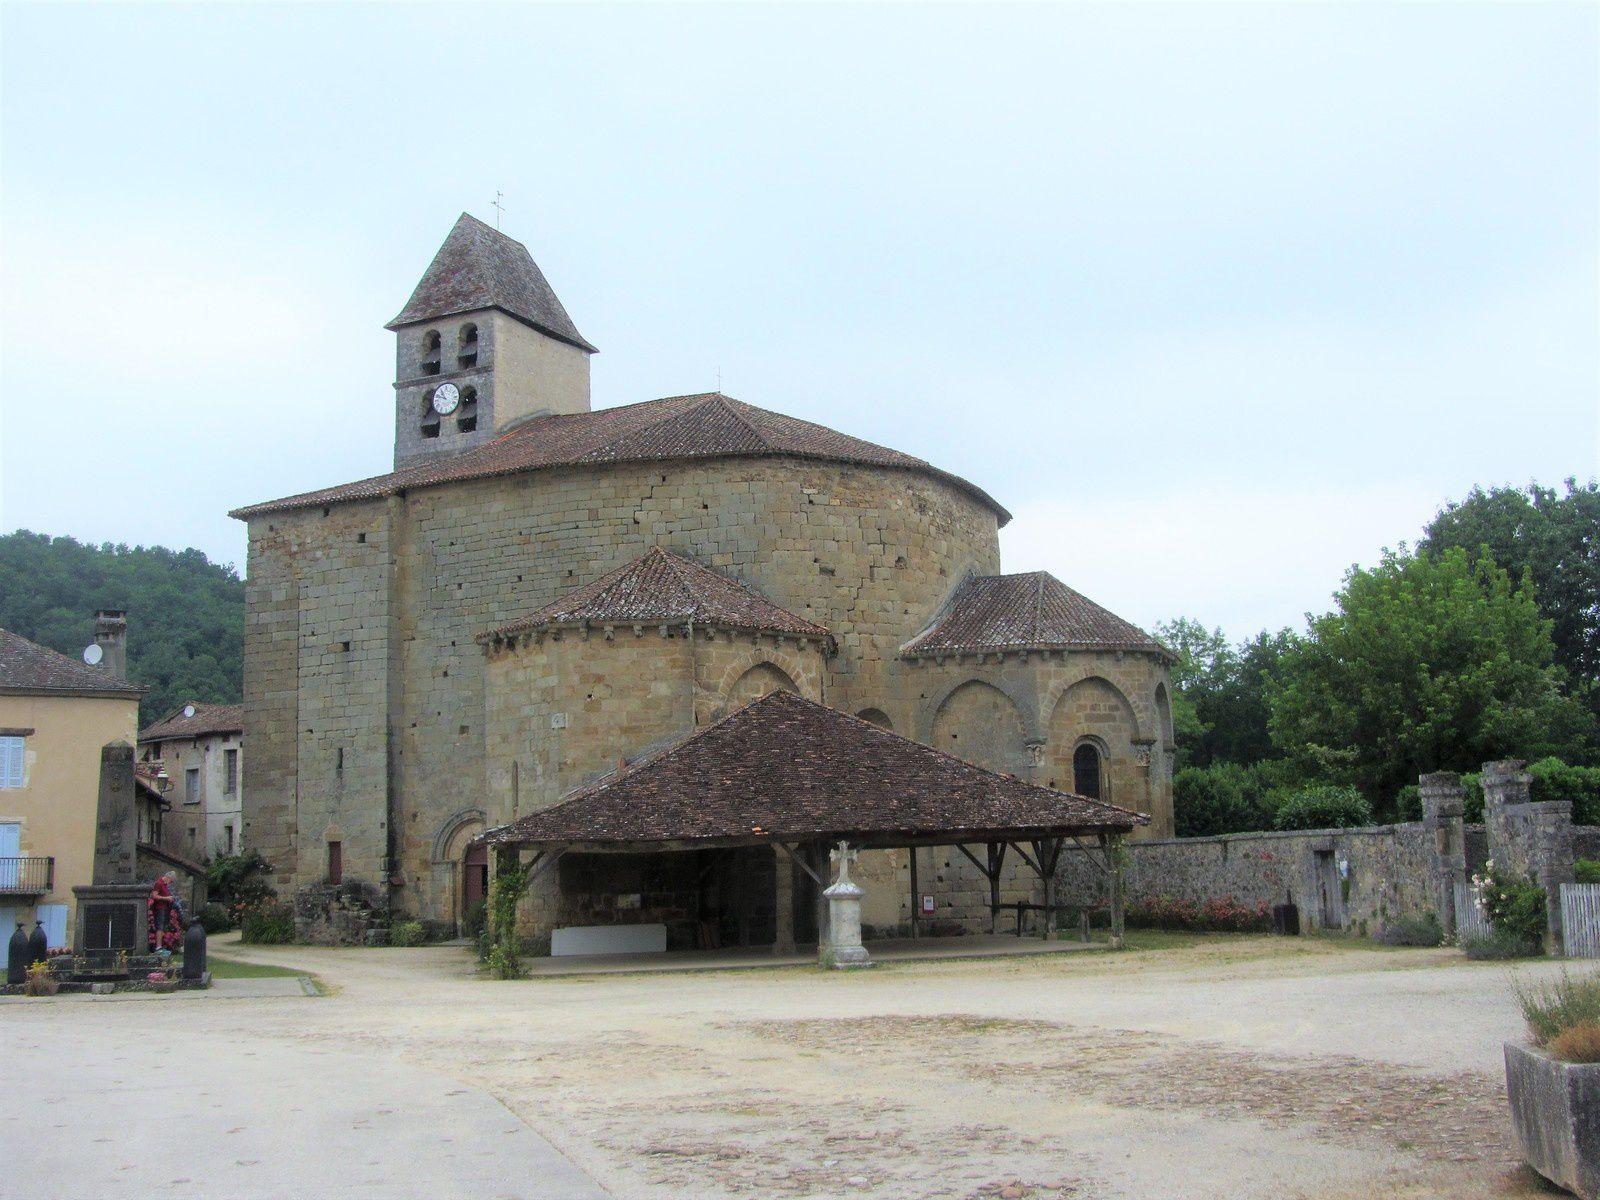 """""""Au pied du mur gouttereau du chœur de l'église de Saint-Jean-de-Côle reposent quatre sépultures à répit. Il s'agit de sarcophages de la taille d'un nouveau-né. Au Moyen Âge, où la mortalité infantile est importante, les enfants morts nés ou en bas âge n'ont souvent pu être baptisés. Installés au sein de logettes à répit, ils recevaient directement du toit de l'église l'eau de pluie ruisselante considérée comme bénite. Le baptême devenait effectif au bout de quelques mois et les enfants pouvaient enfin être enterrés au cimetière."""""""